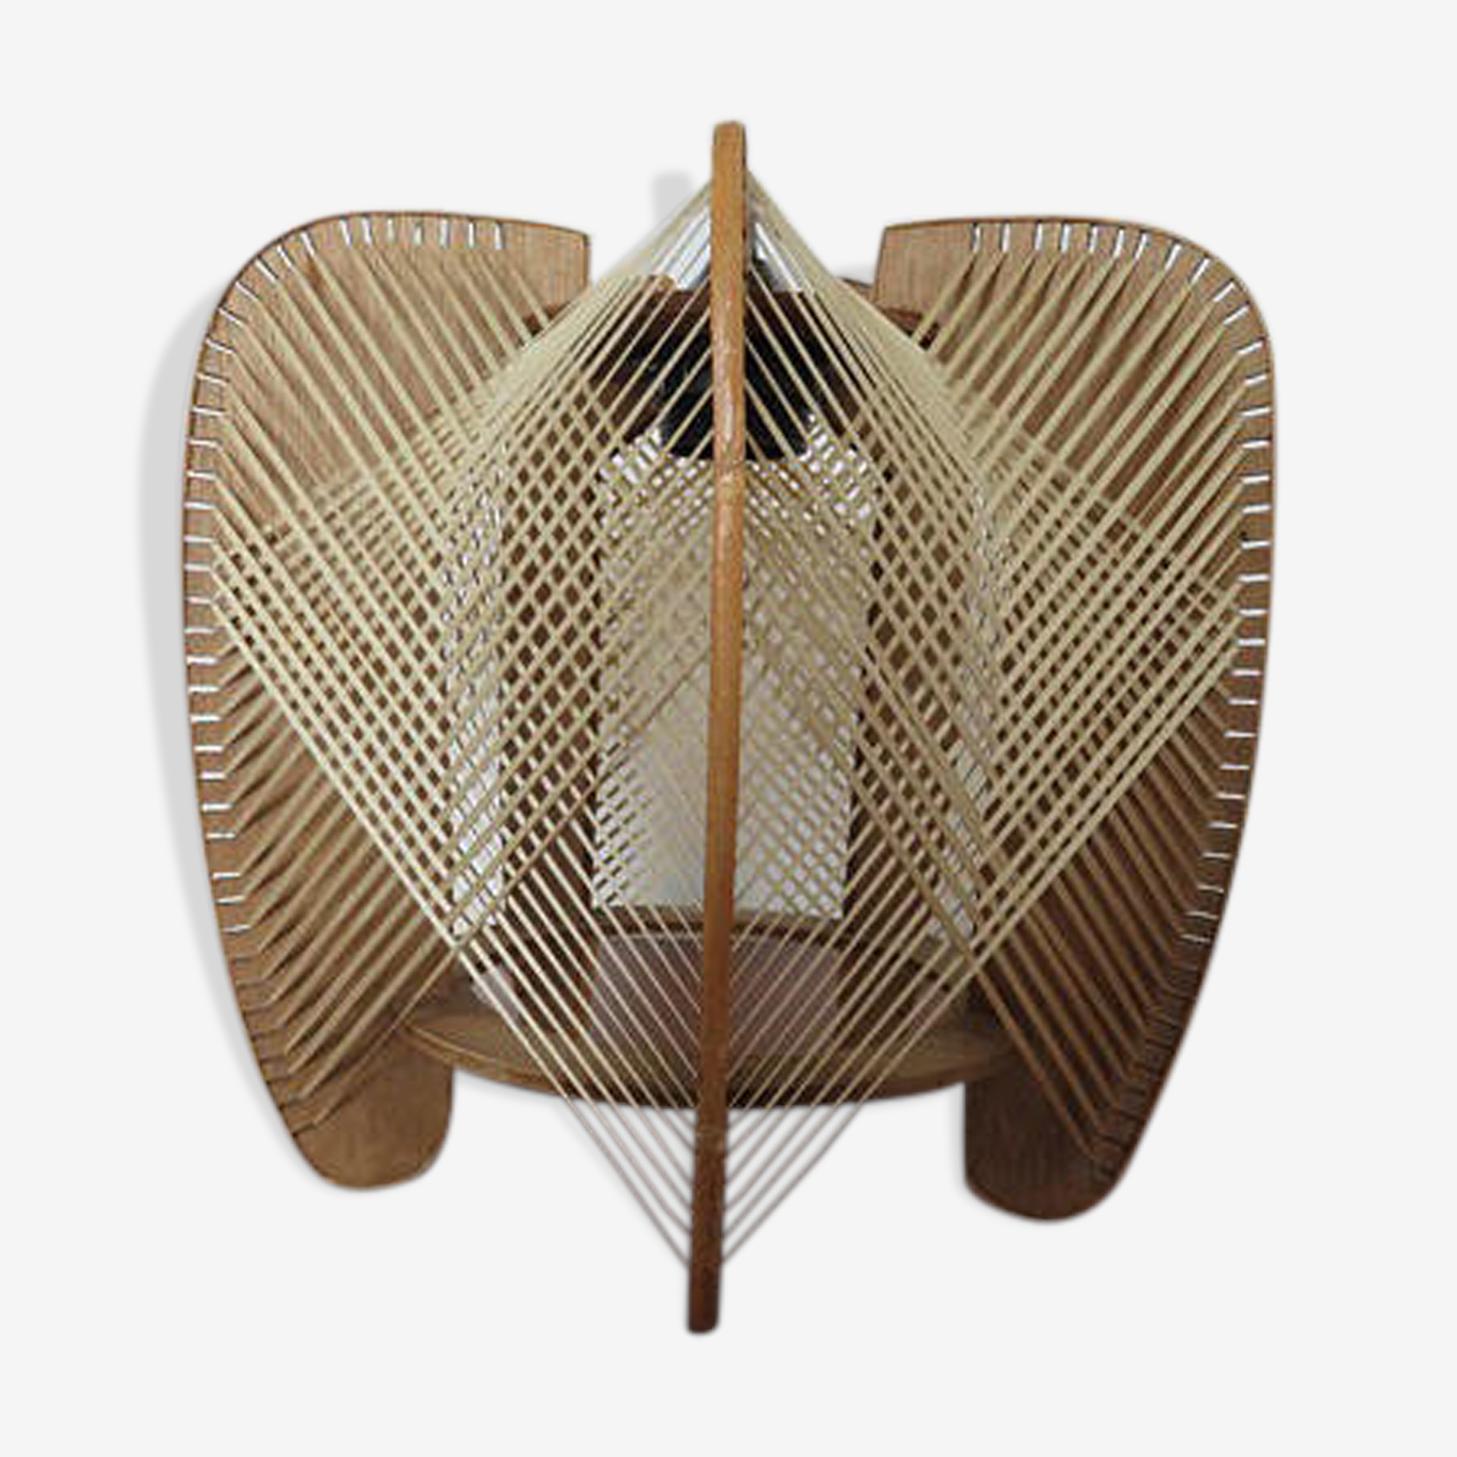 Suspension scandinave fil et bois années 50 60